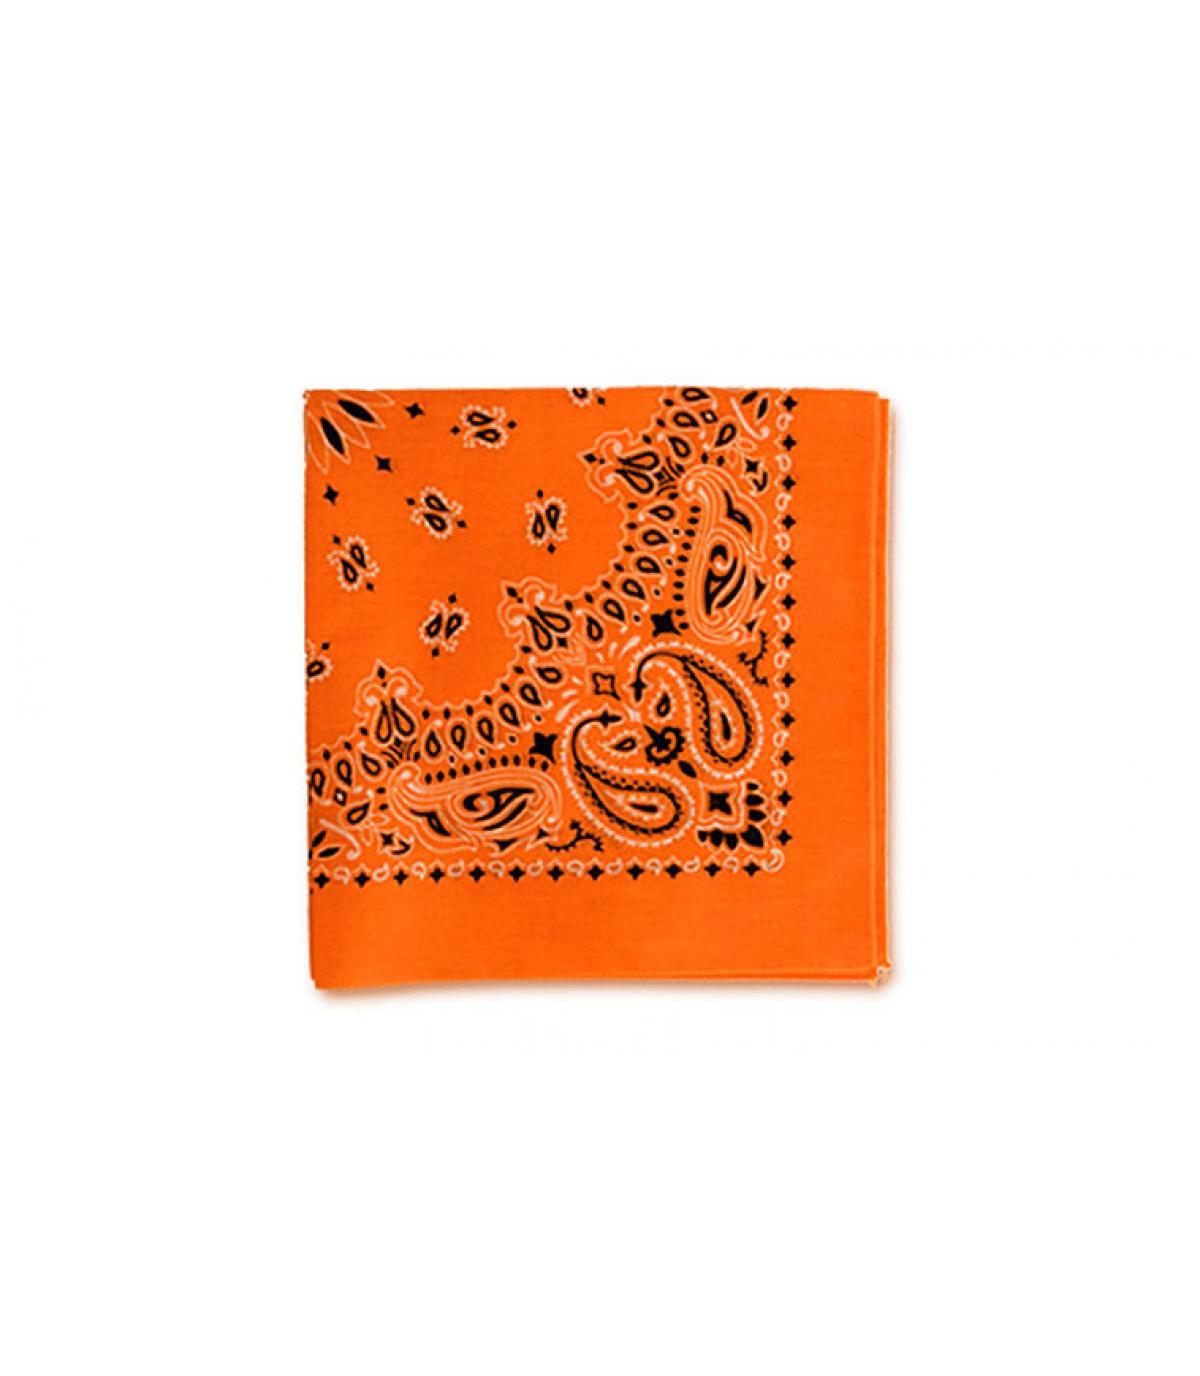 Bandana orange